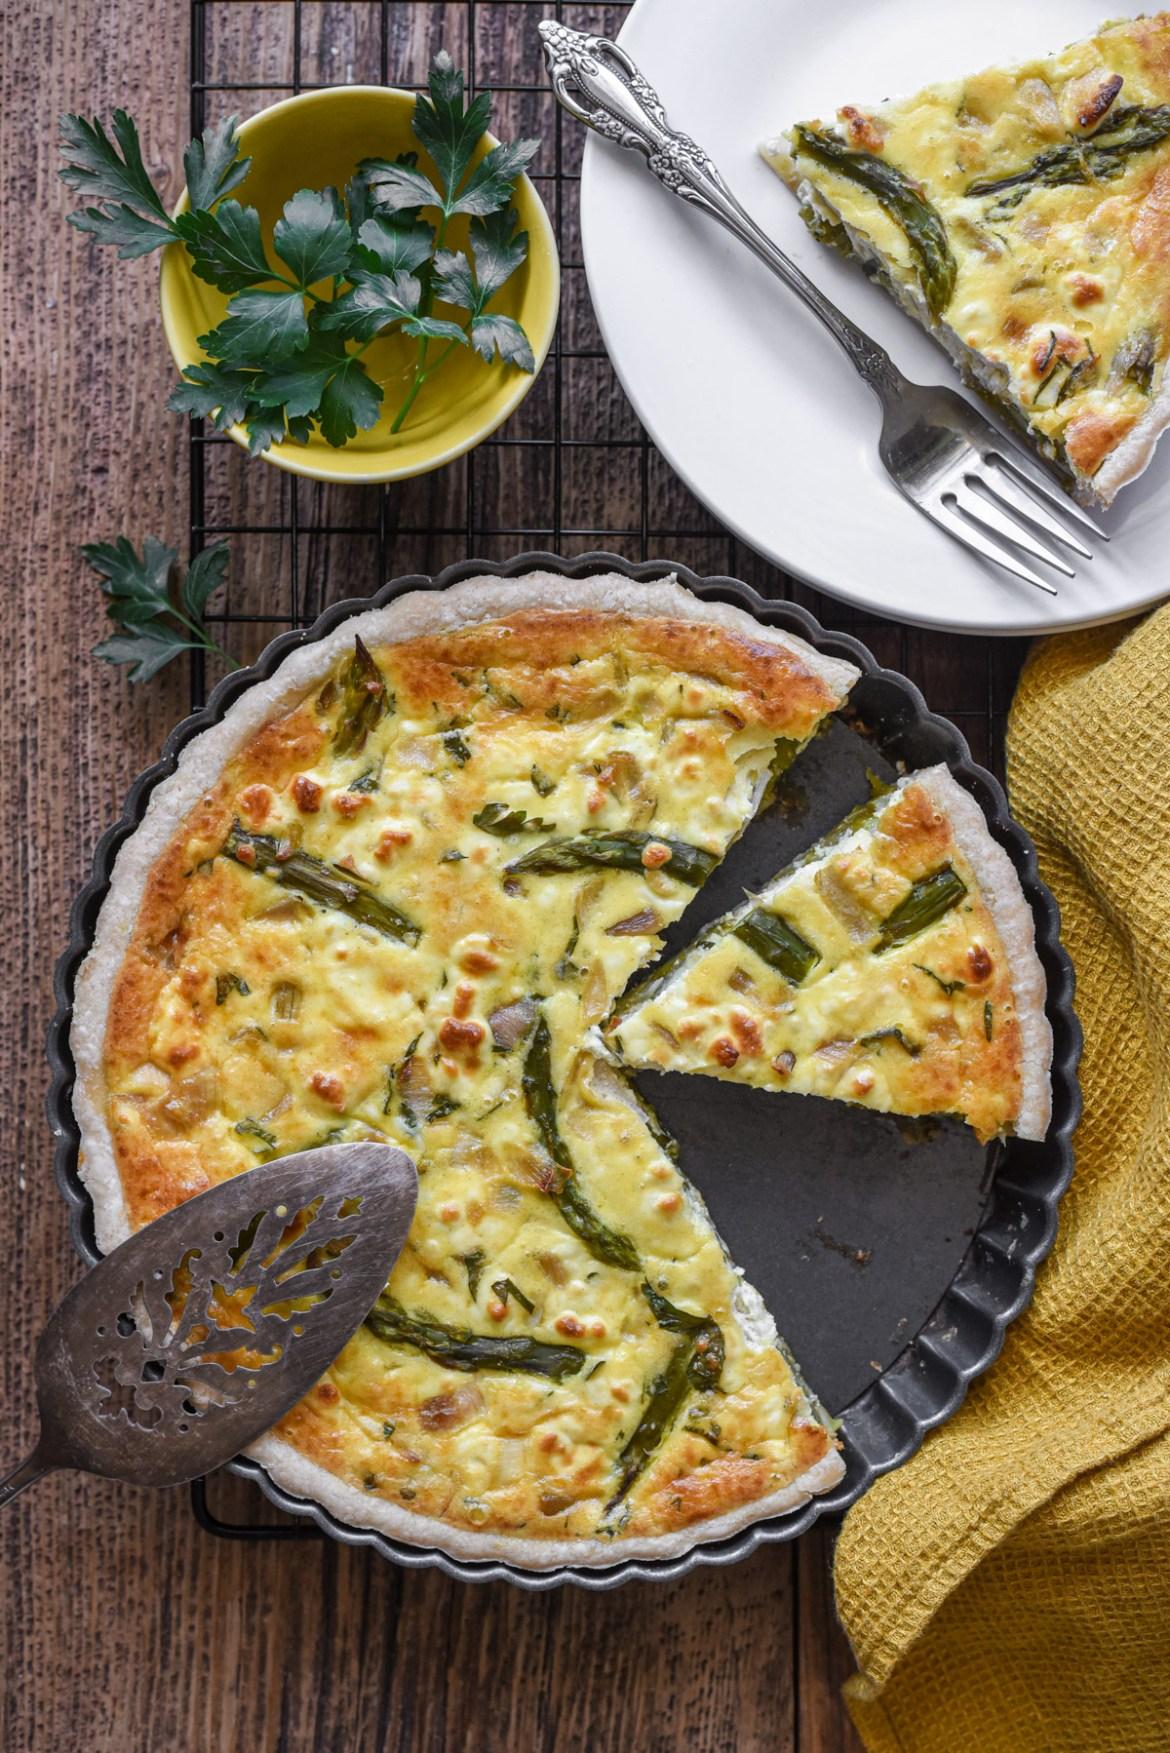 Asparagus Goat Cheese Quiche